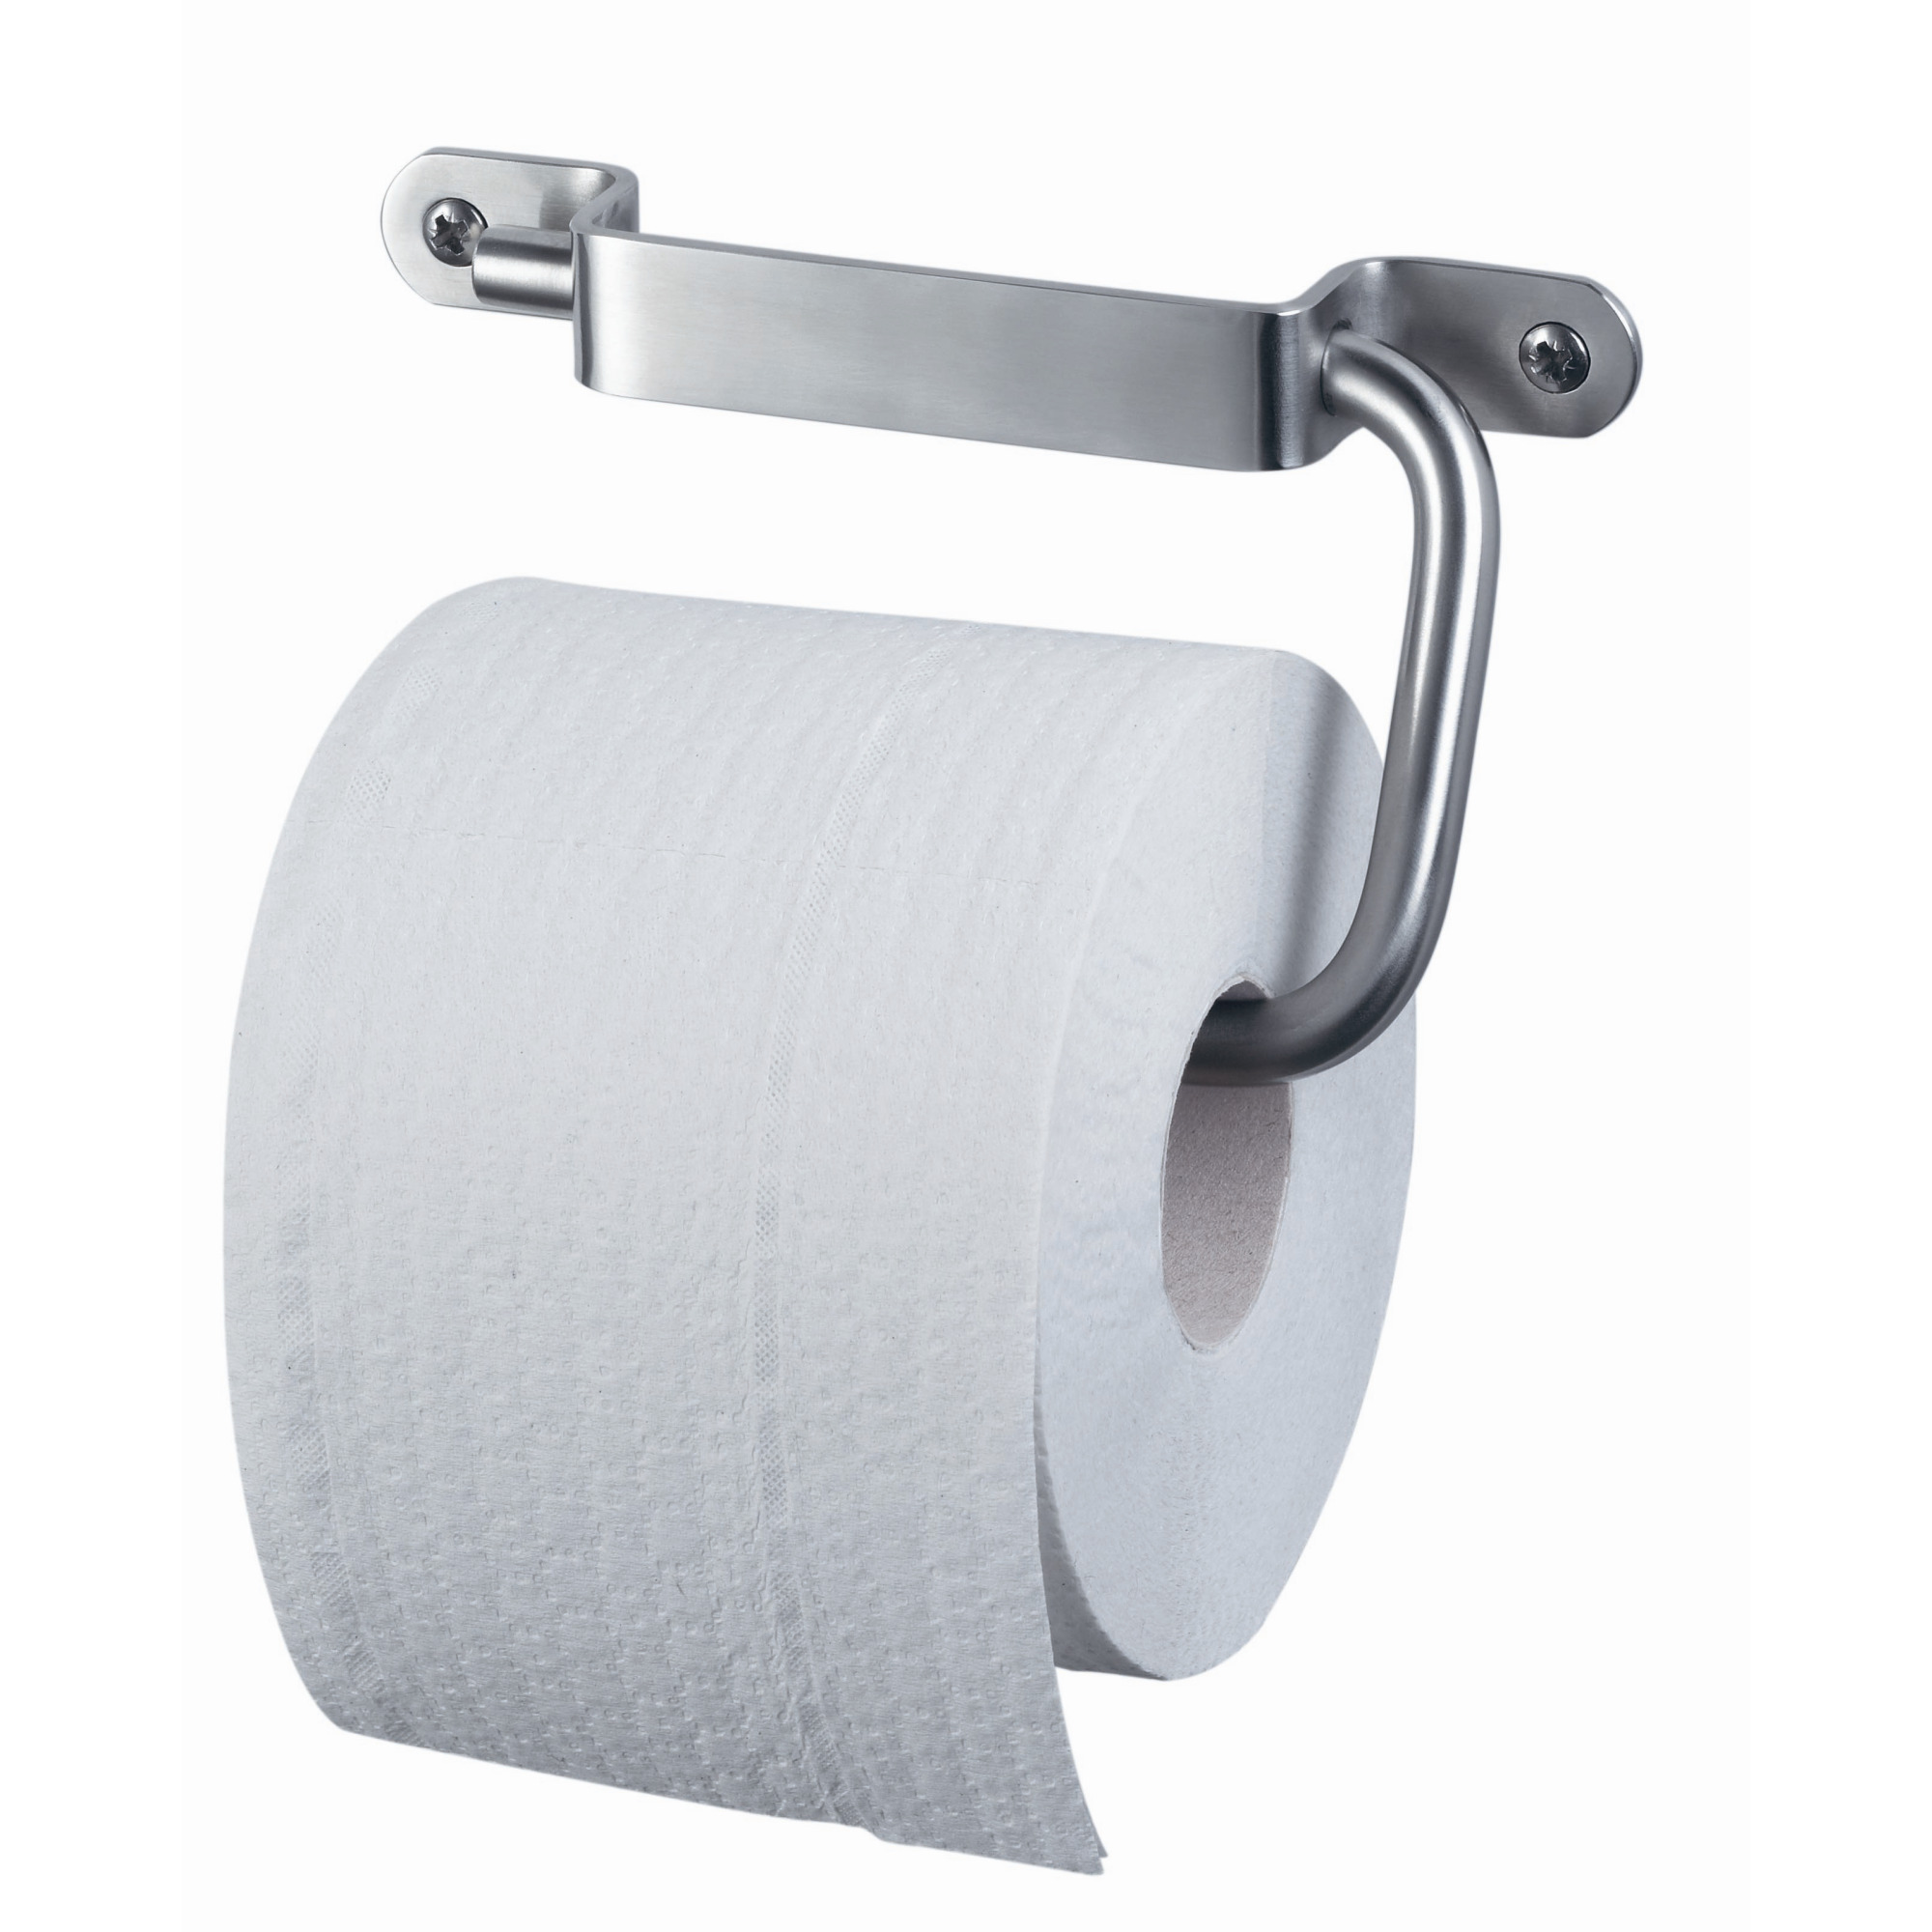 Porte papier wc ixi haceka inox accessoires wc for Porte papier wc